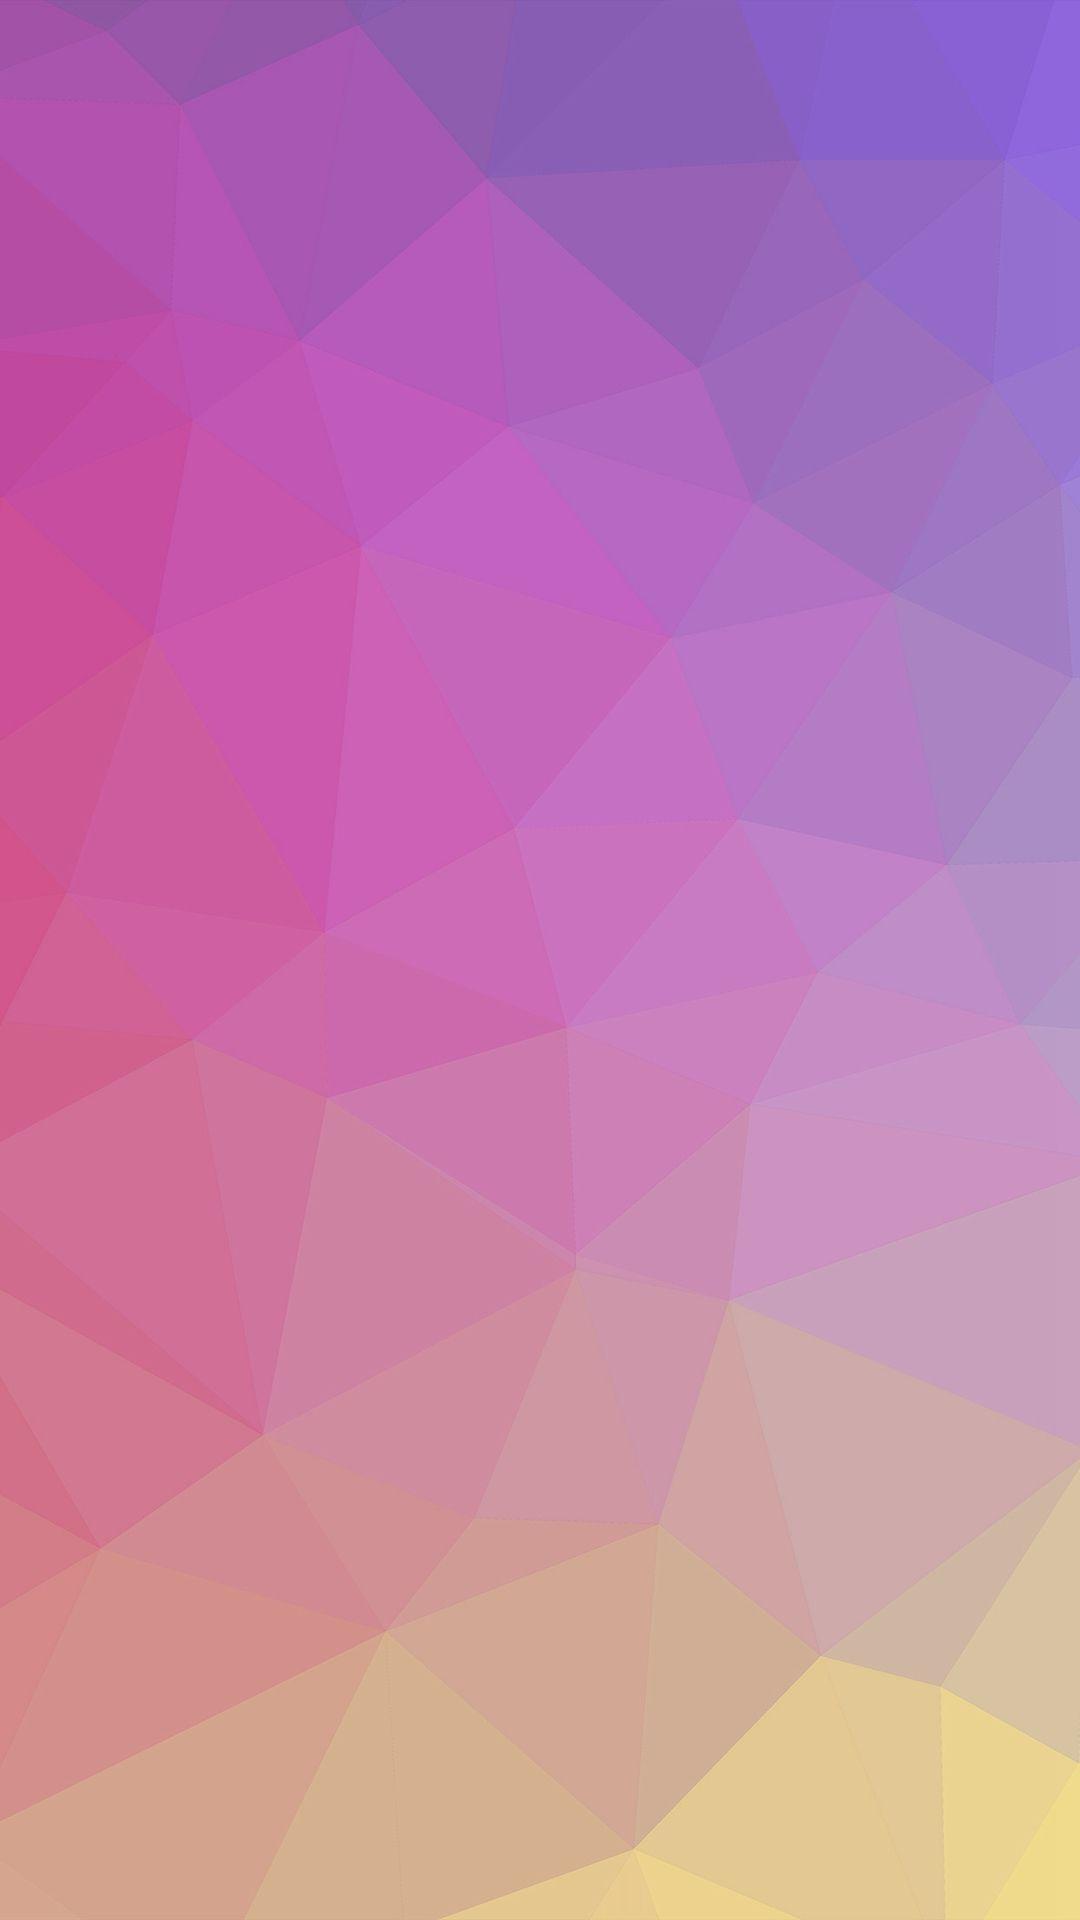 Polyart Pastel Pink Yellow Pattern Iphone 6 Wallpaper Download Iphone Wallpapers Ipad Wallpape Abstract Iphone Wallpaper Pink Iphone Iphone 6 Plus Wallpaper